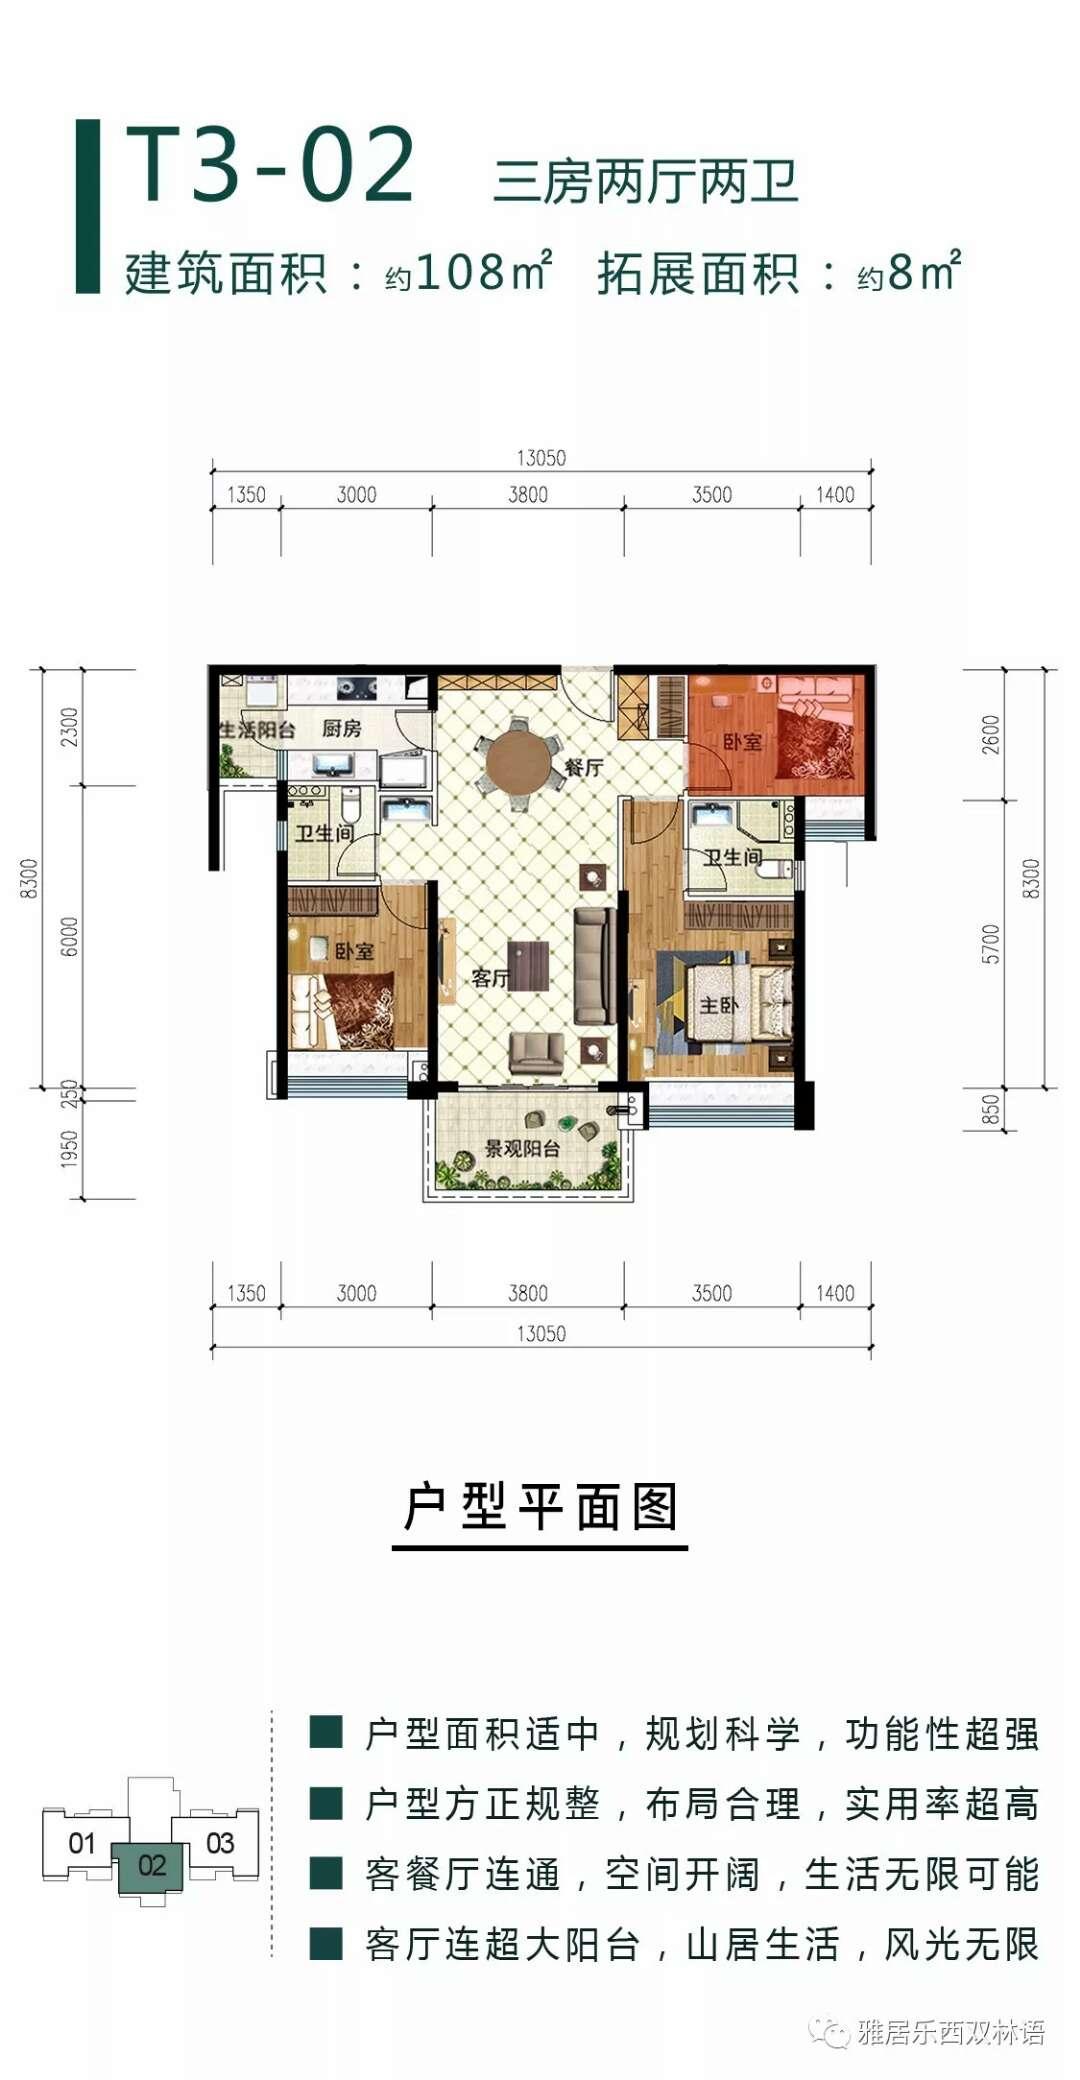 T3洋房 3房2厅2卫 约108平